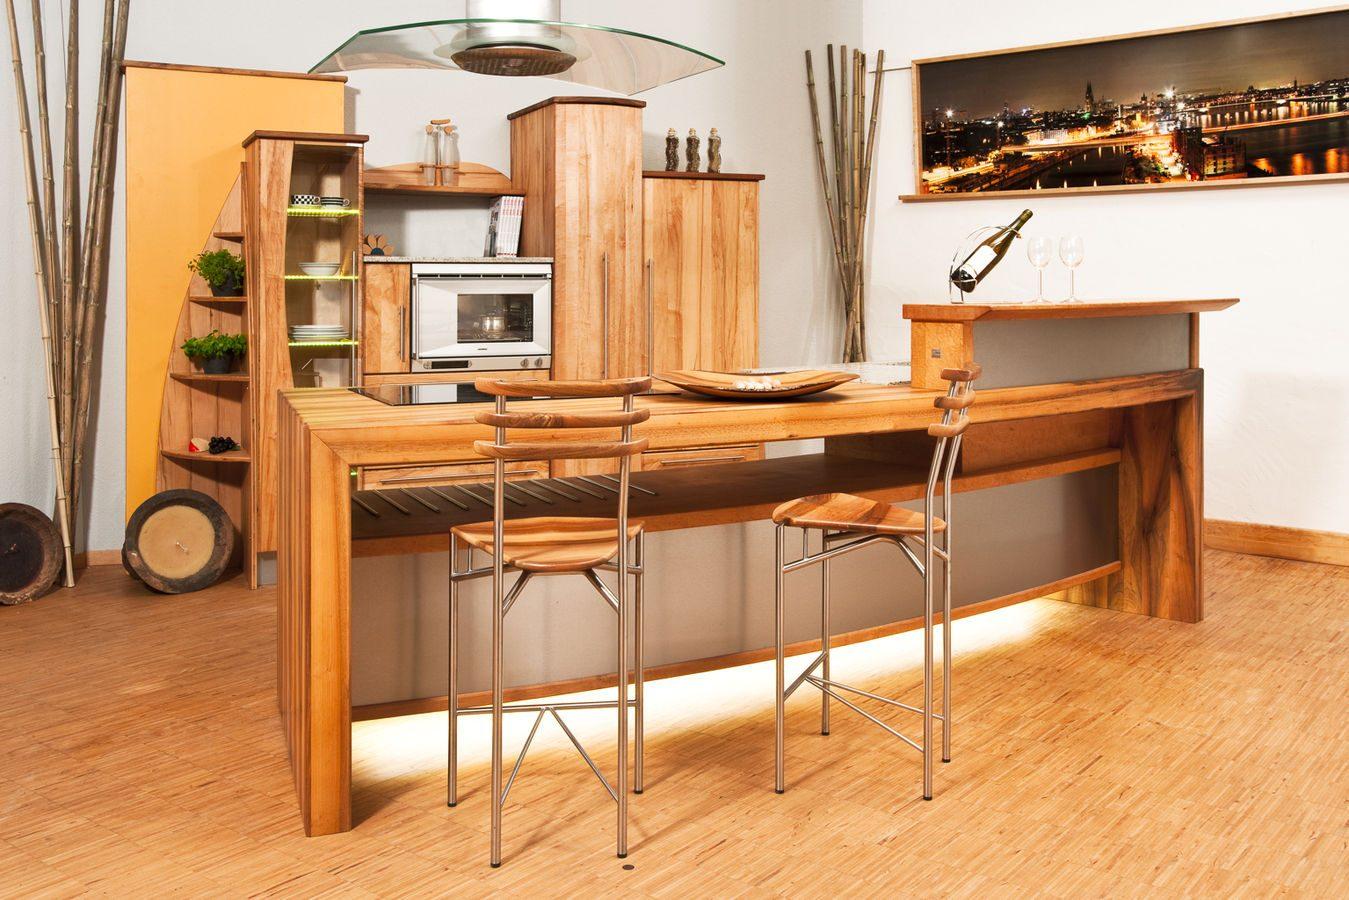 Galer a de im genes materiales para los muebles de cocina for Ver fotos de muebles de cocina